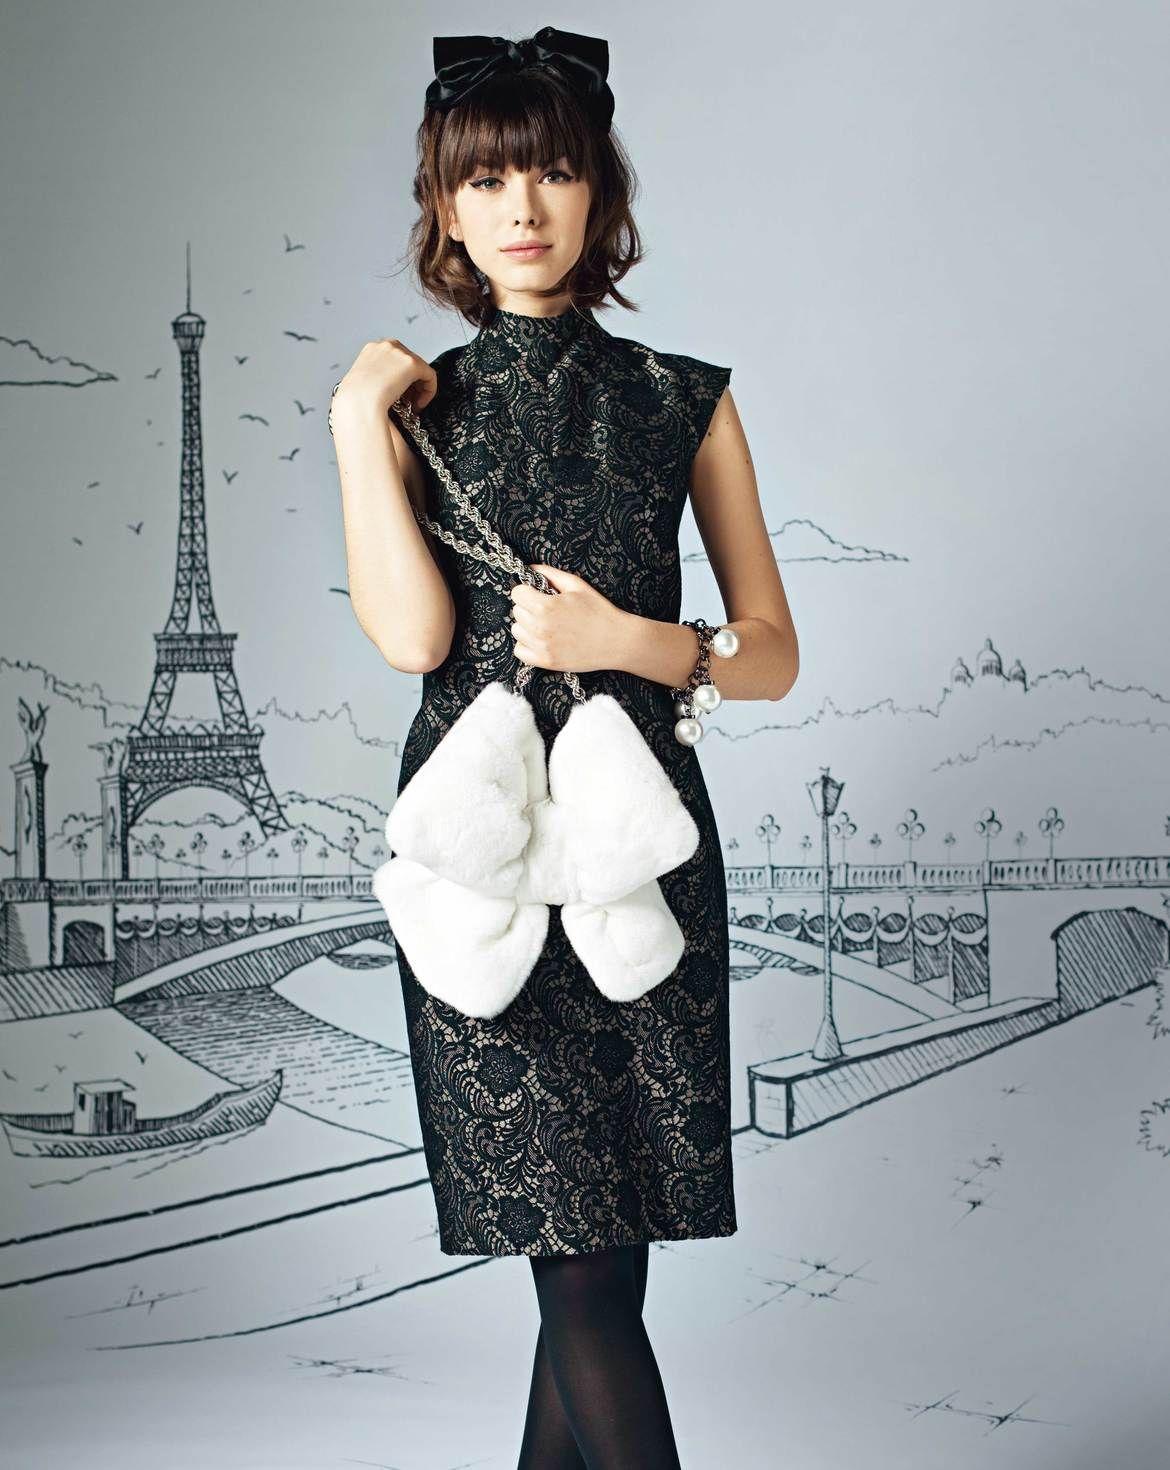 Ungewöhnlich Bestes Kleid Bilder - Brautkleider Ideen - cashingy.info